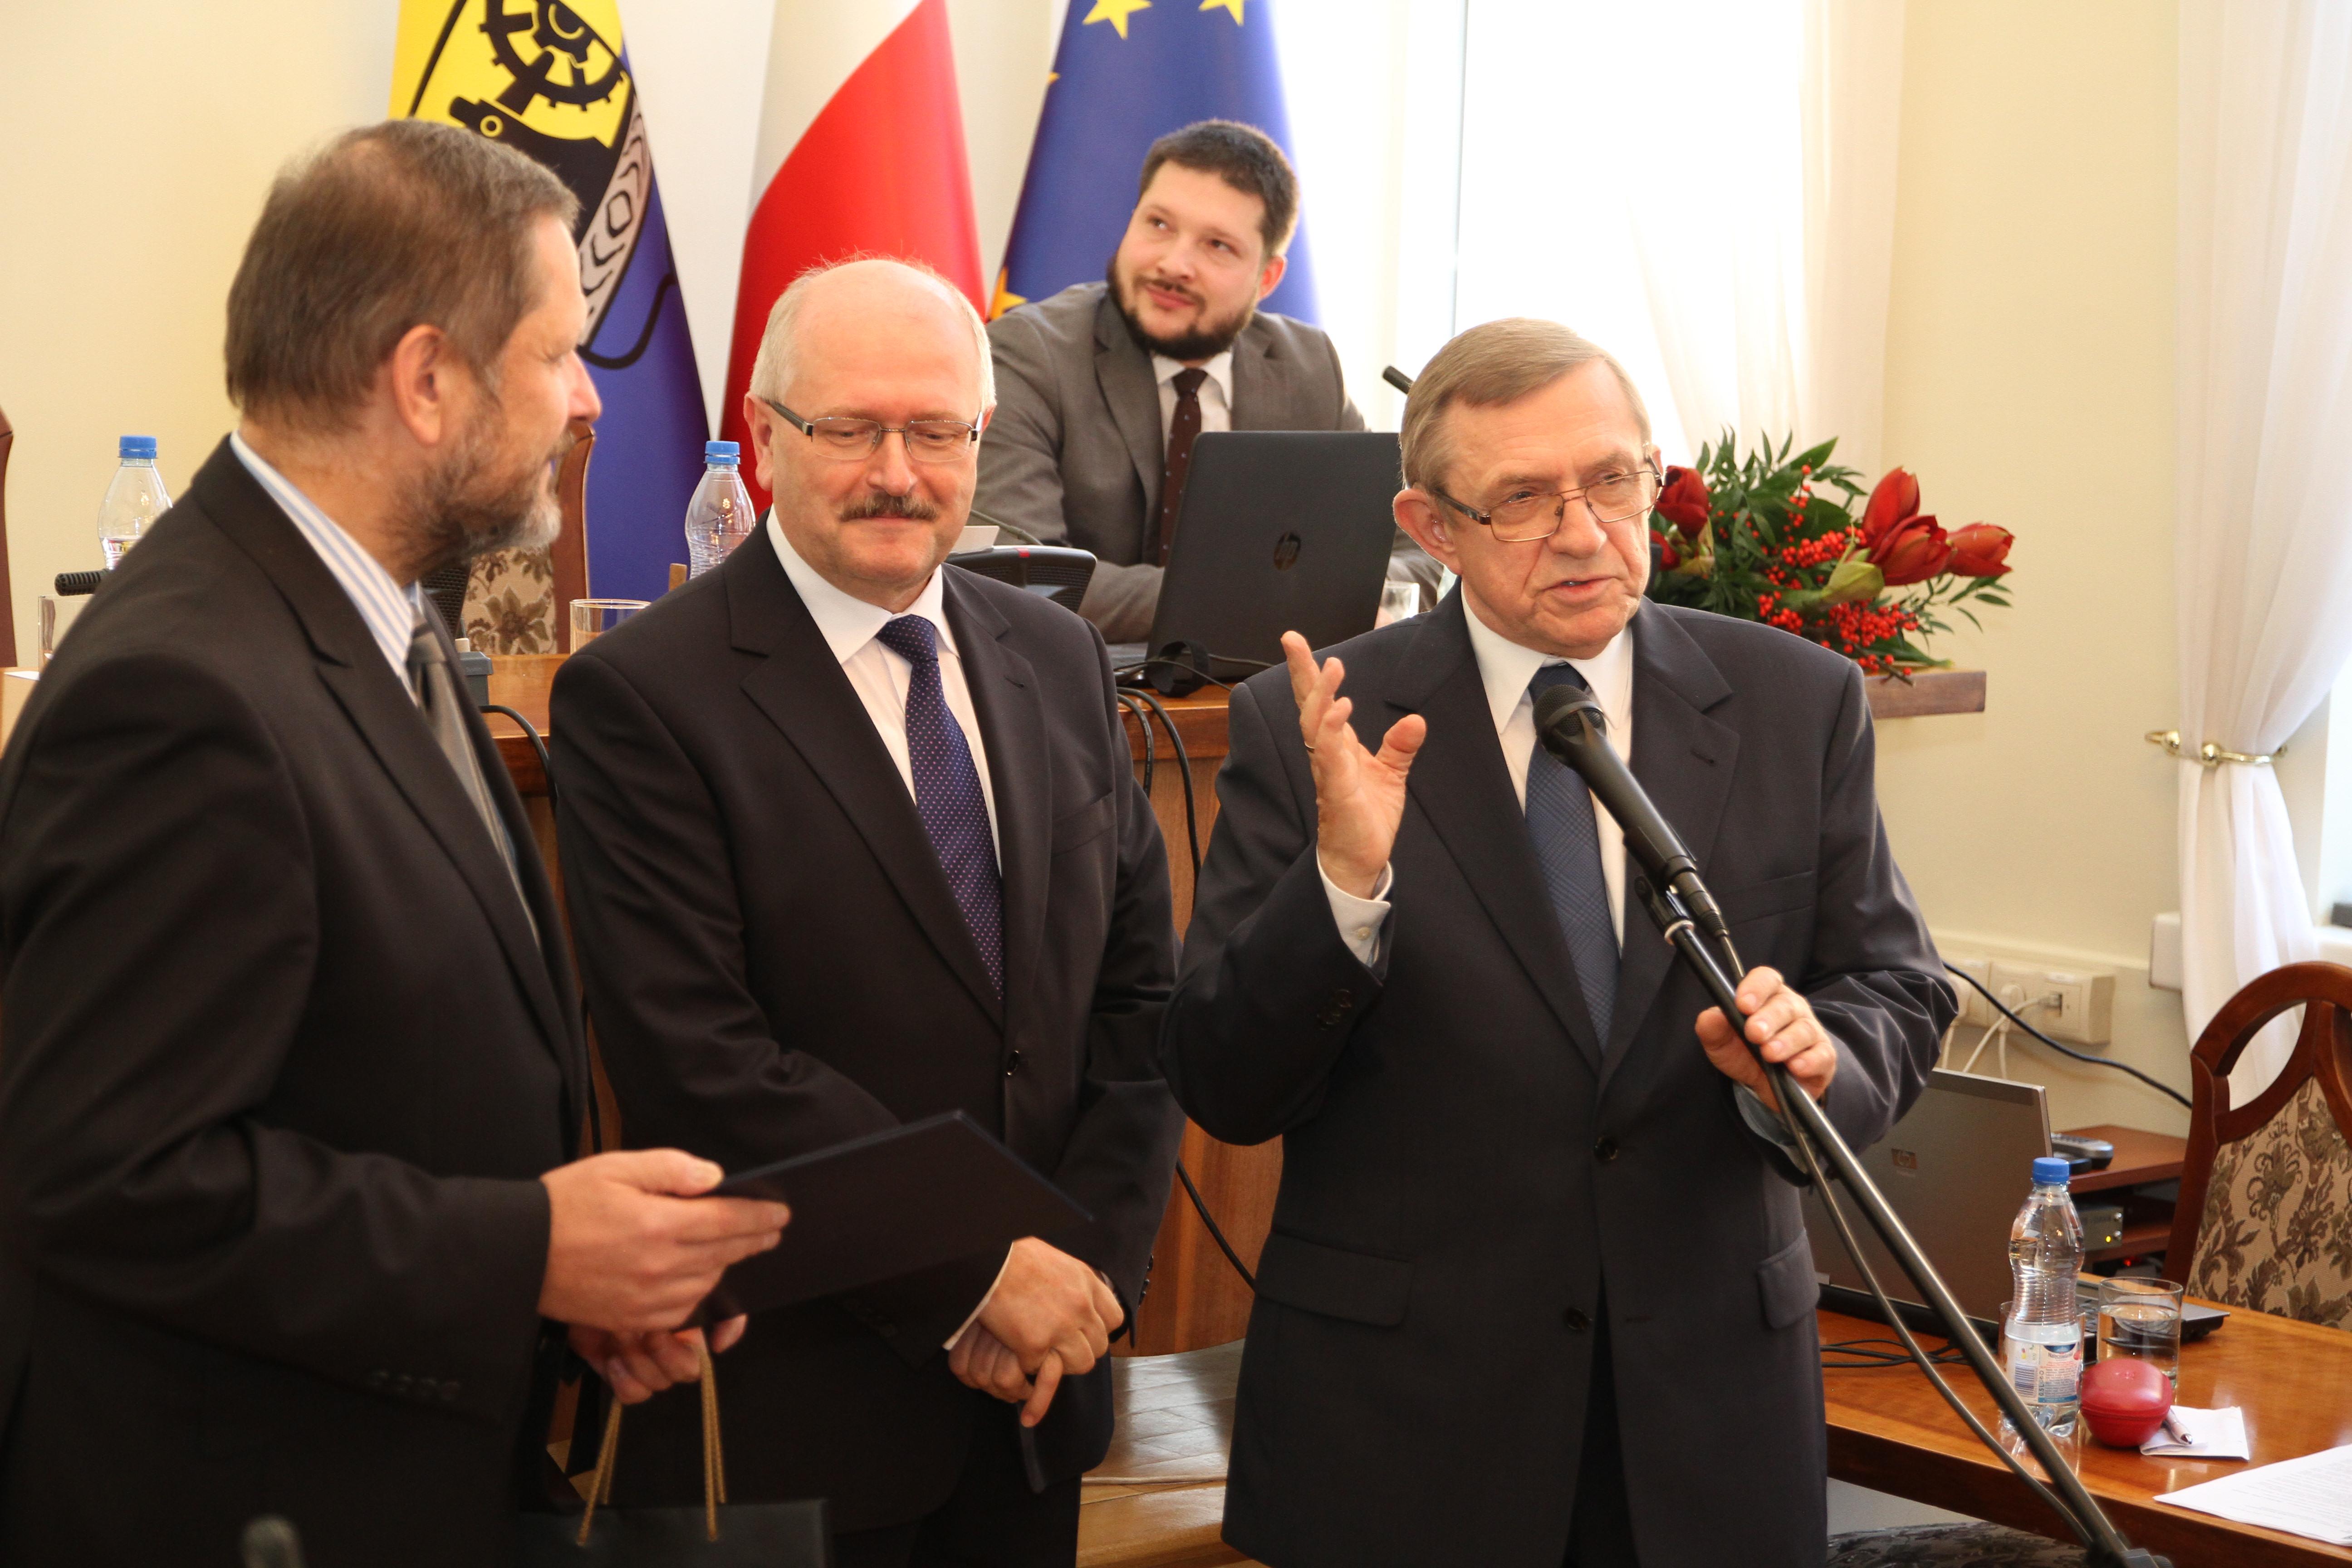 Piotr Uszok Jerzy Forajter